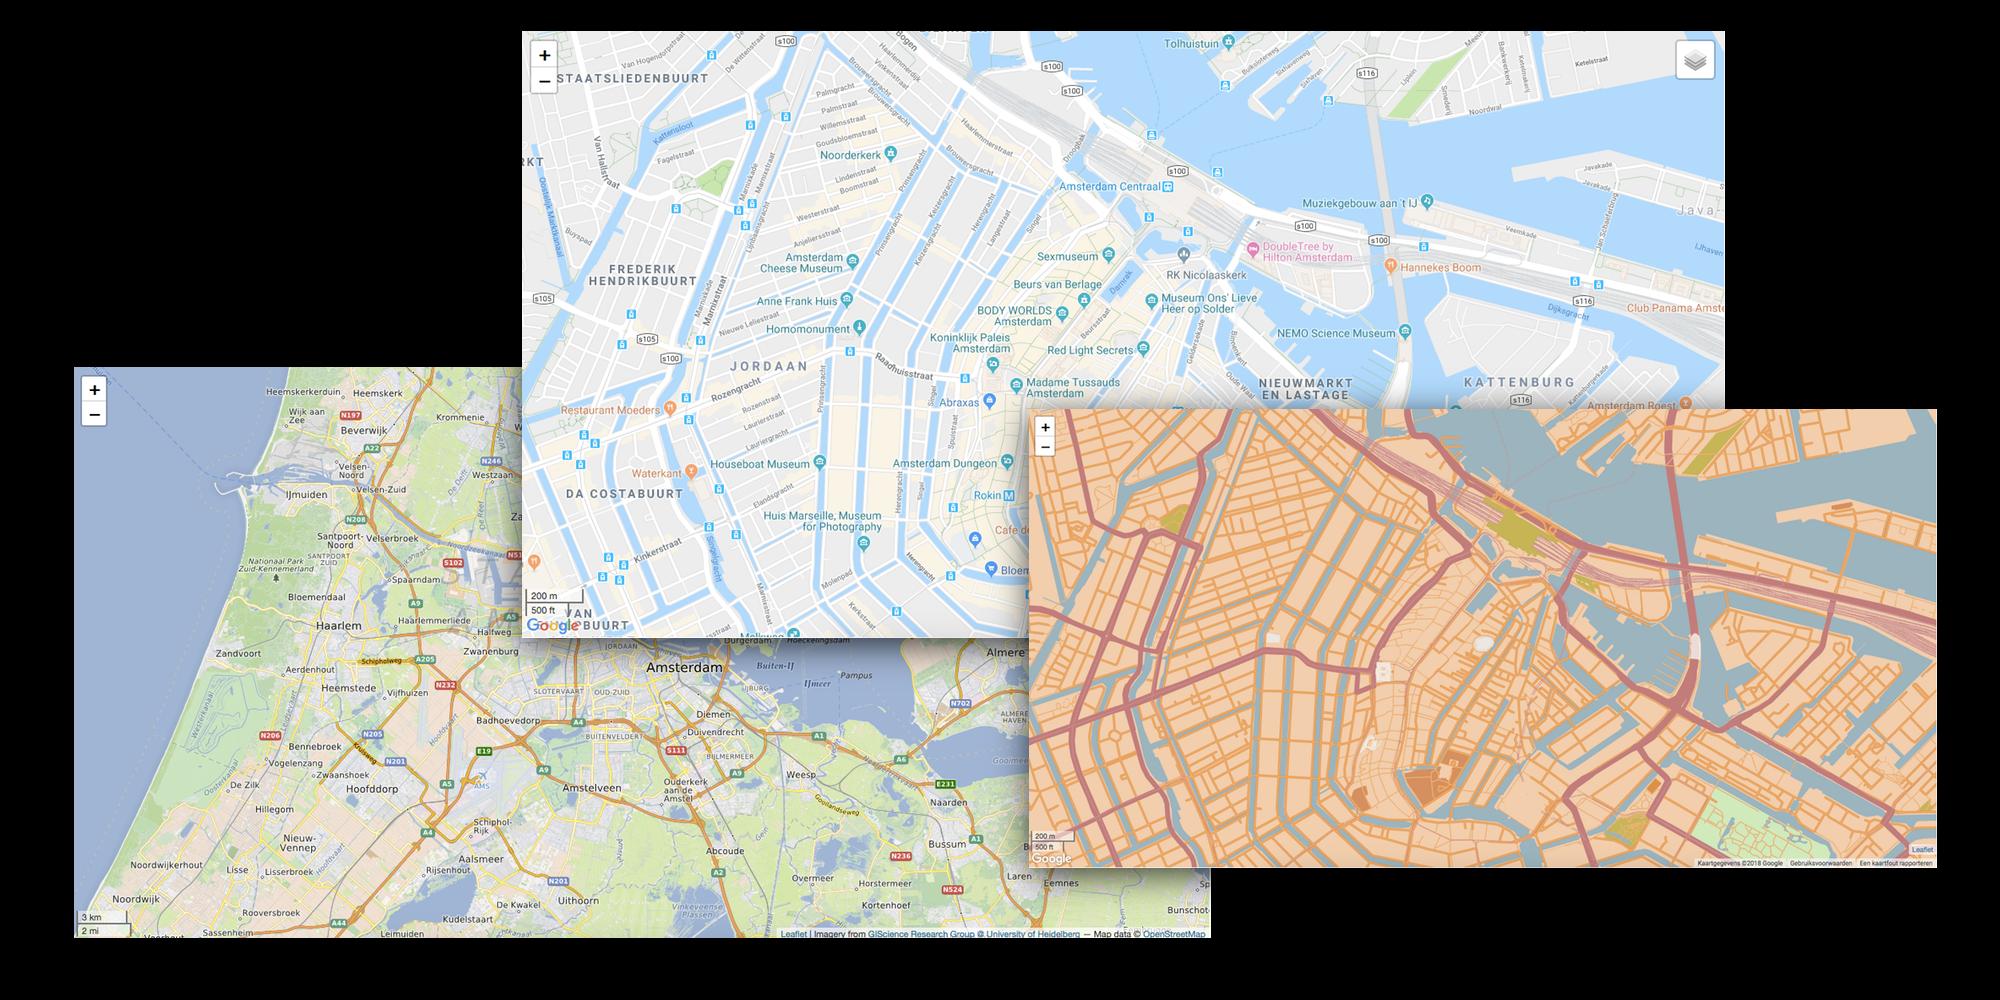 Maps | ExpressionEngine / Craft | Reinos nl Internet Media